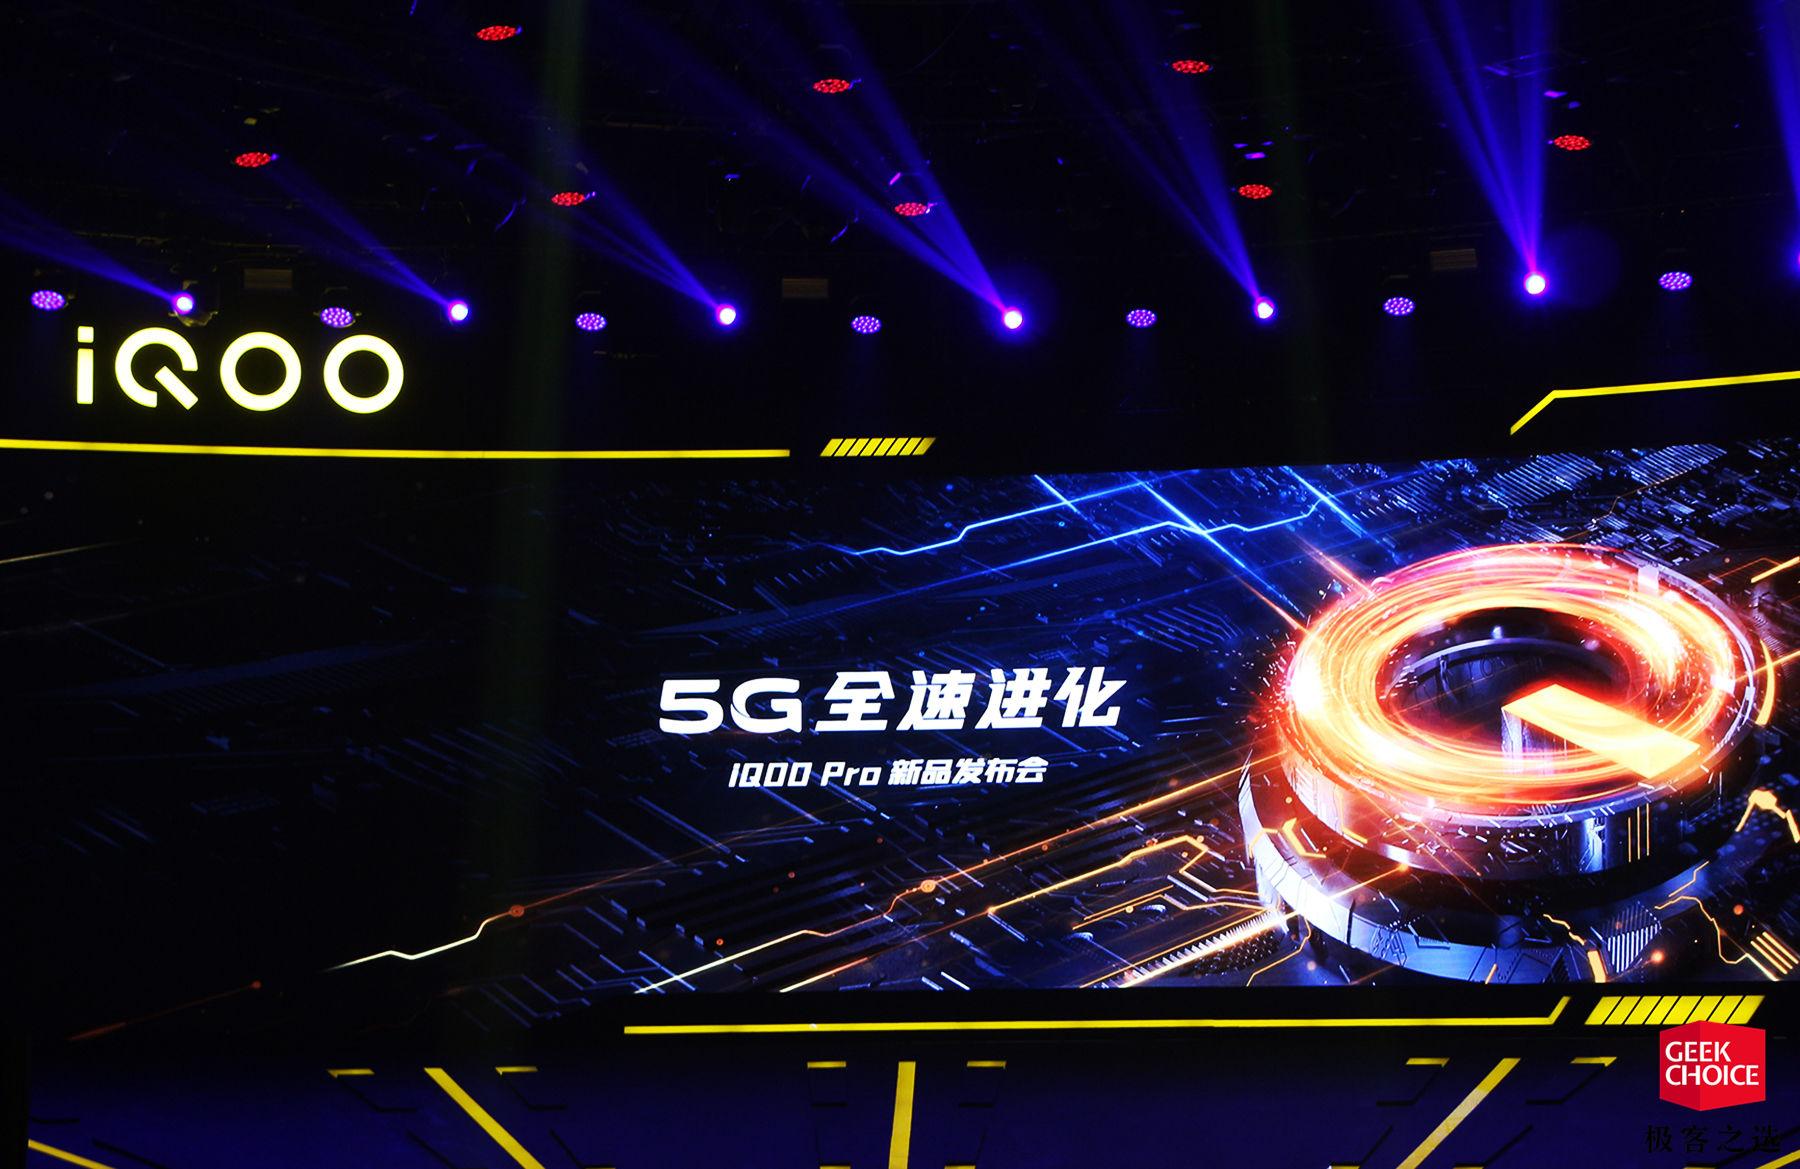 iQOO Pro:5G 版 3798 元起售,今朝你能买到最便宜的 5G 手机